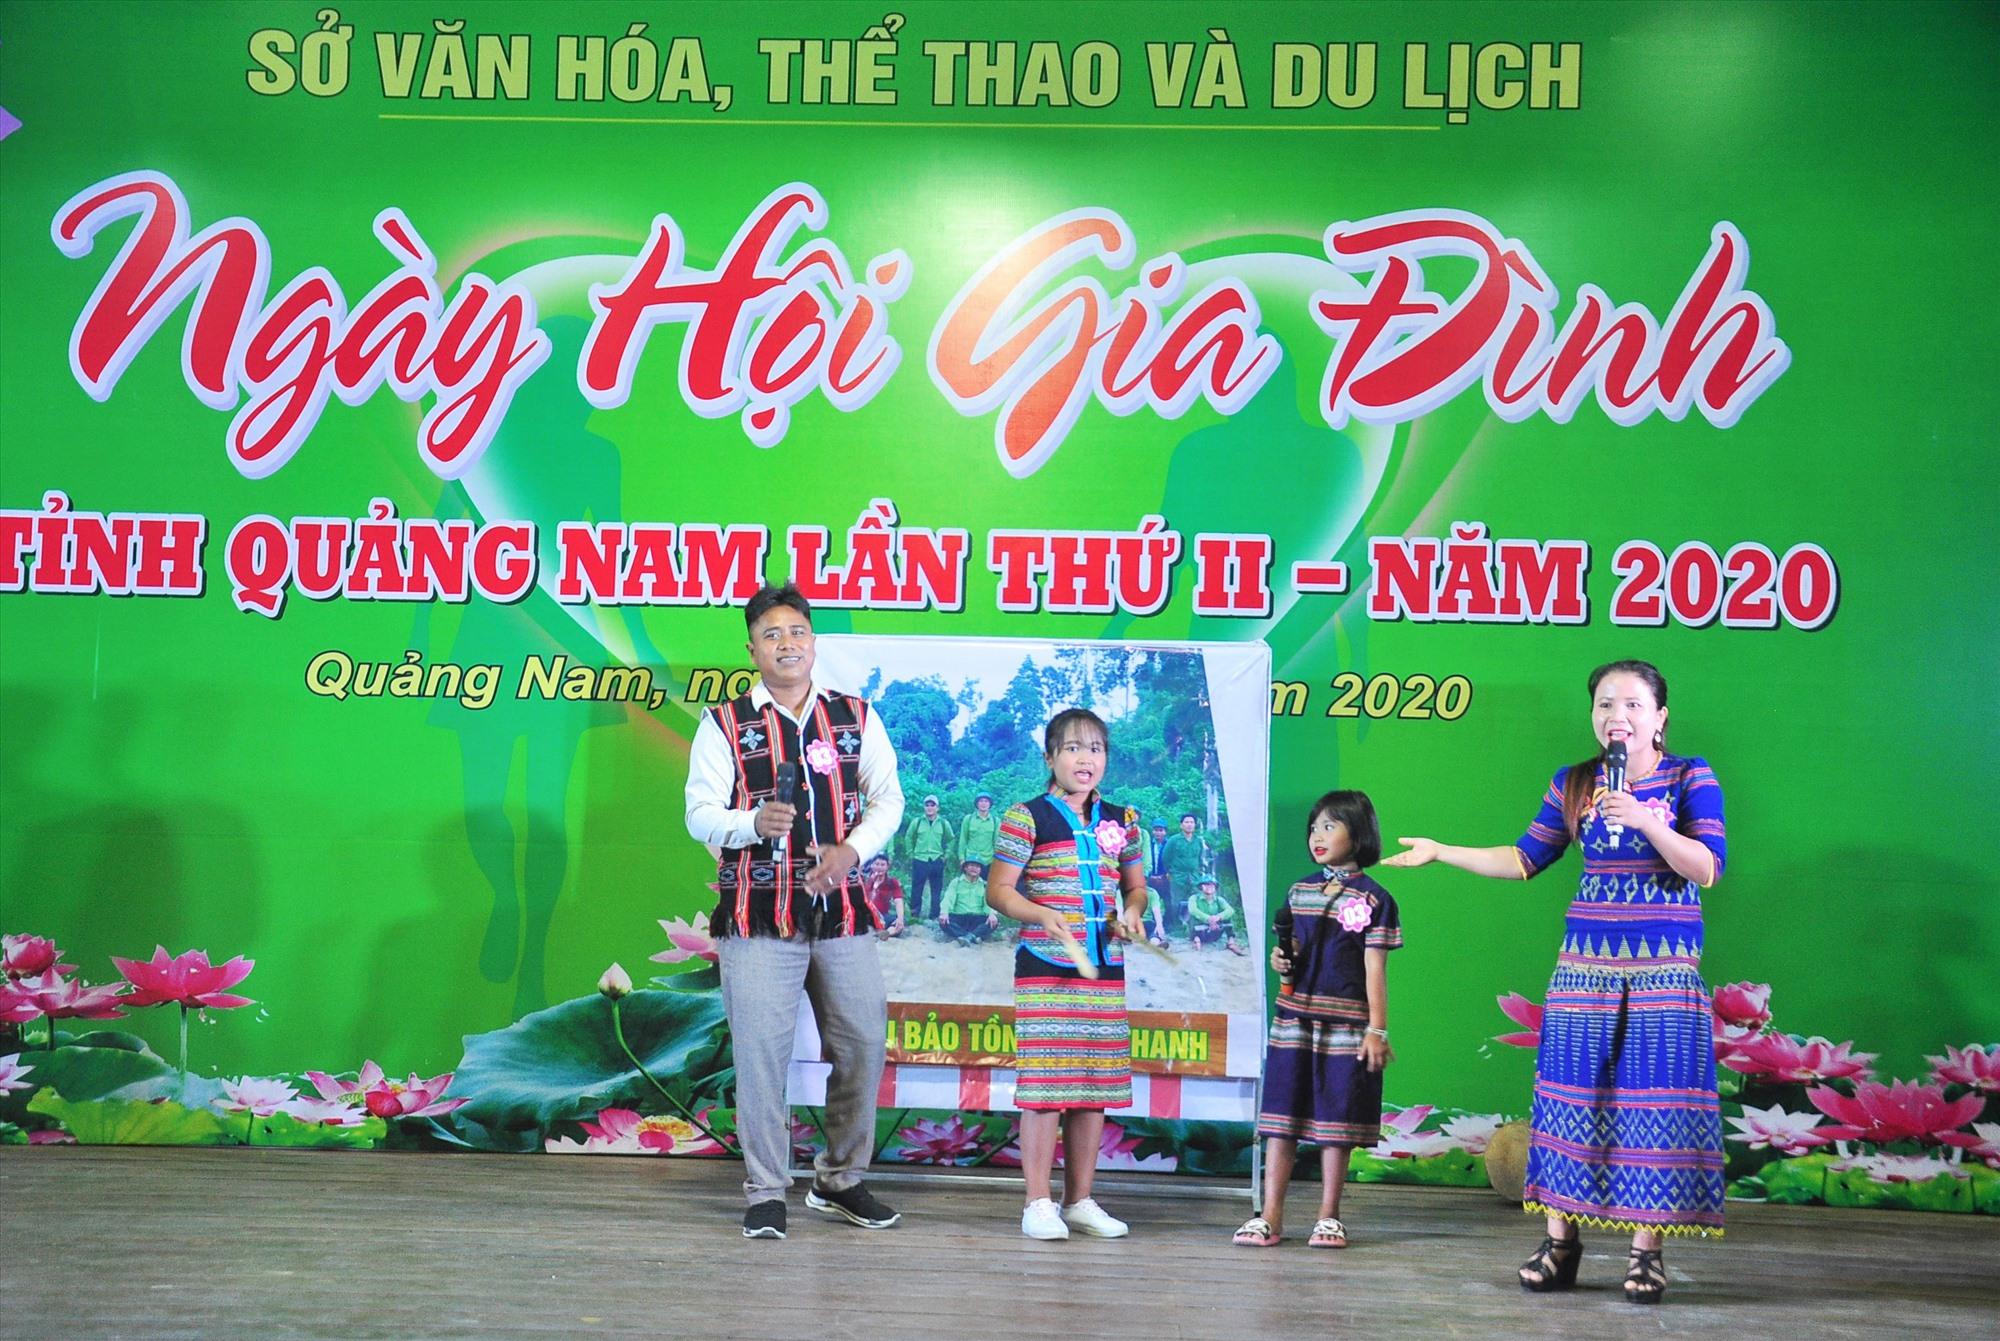 Phần thi văn nghệ của gia đình đến từ huyện Nam Giang tại Ngày hội Gia đình tỉnh Quảng Nam lần thứ II - năm 2020. Ảnh: VINH ANH